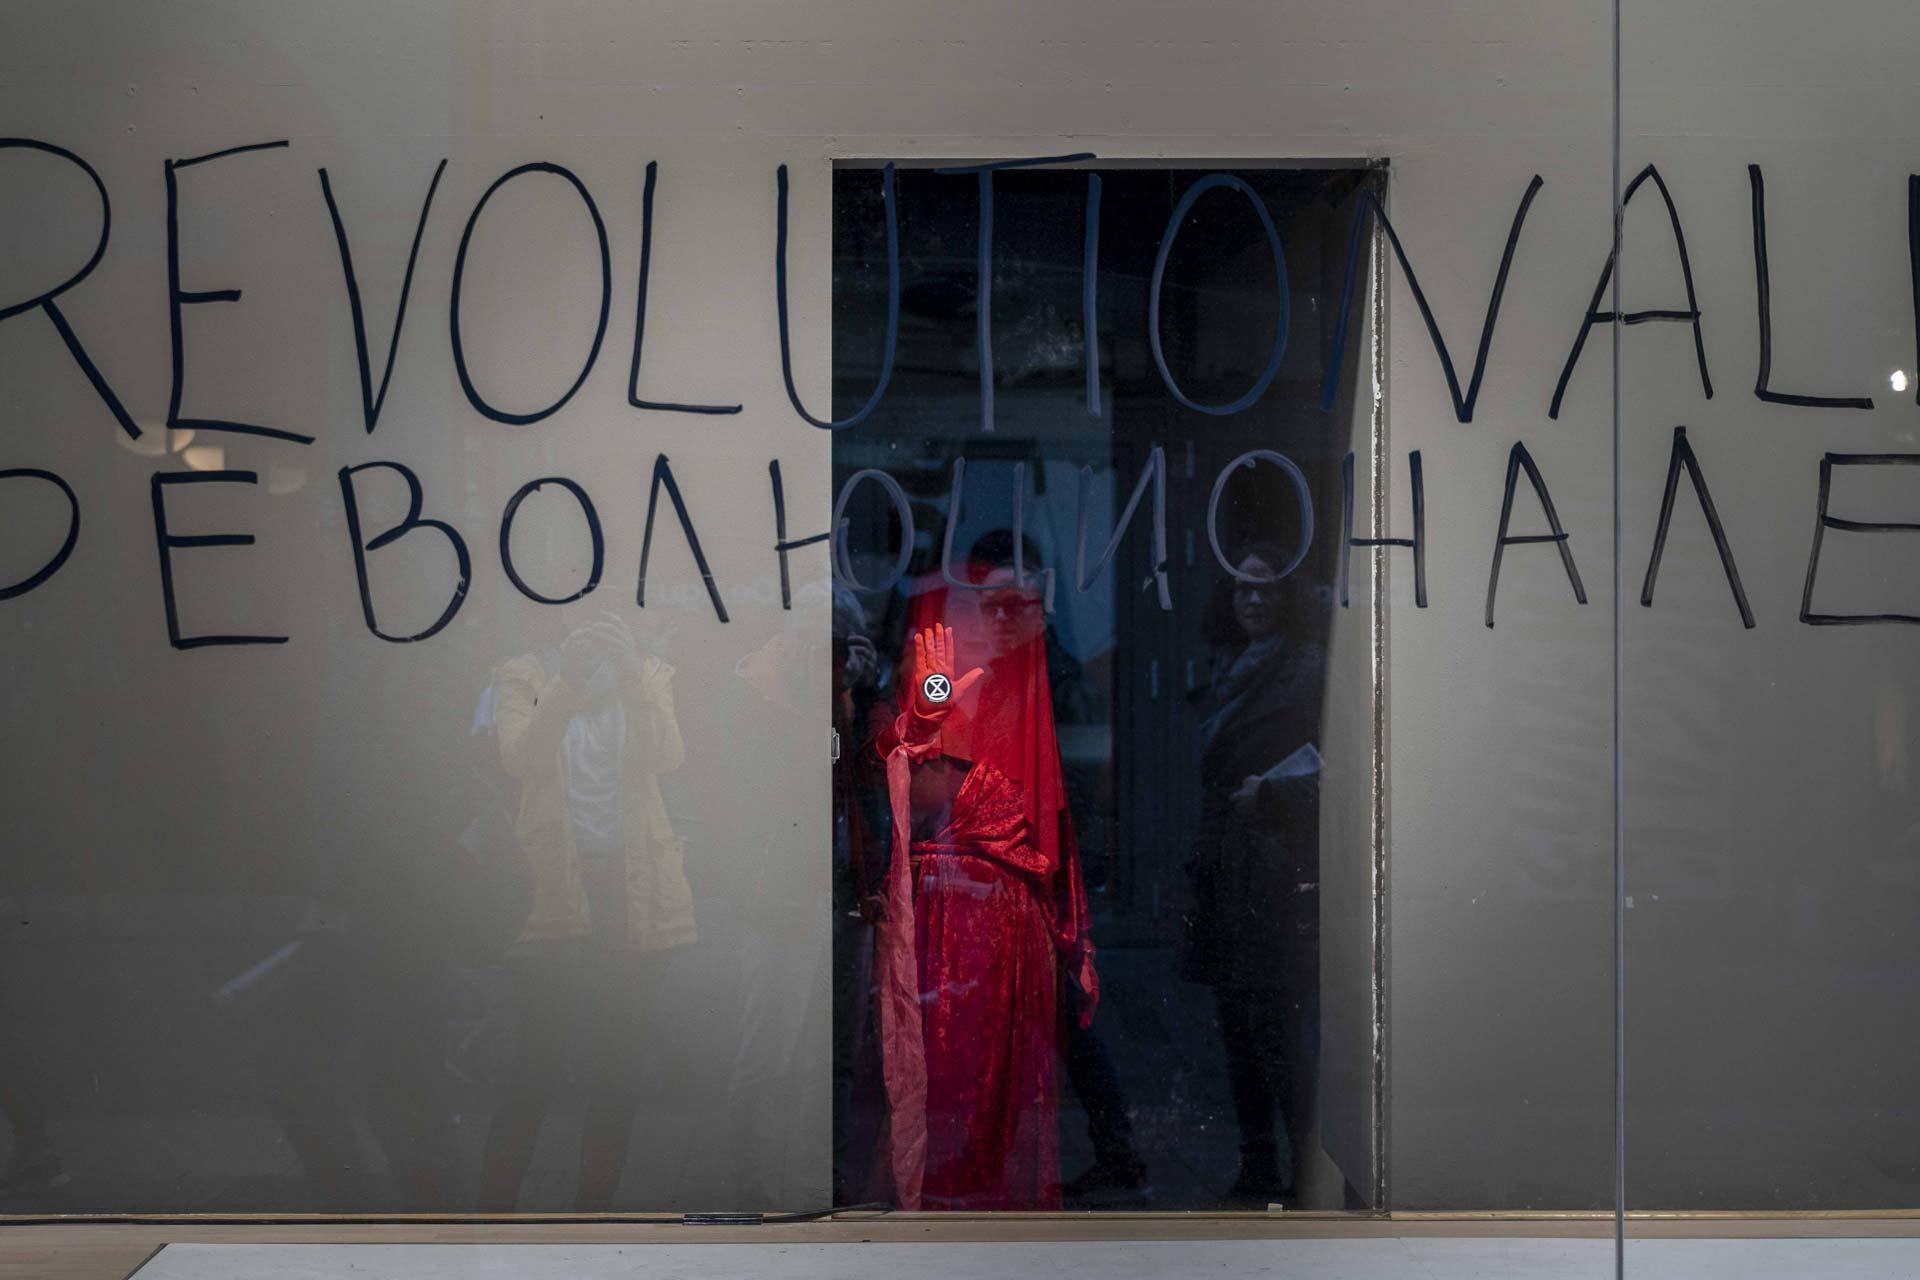 Revolutionale - Foto: Roland Quester